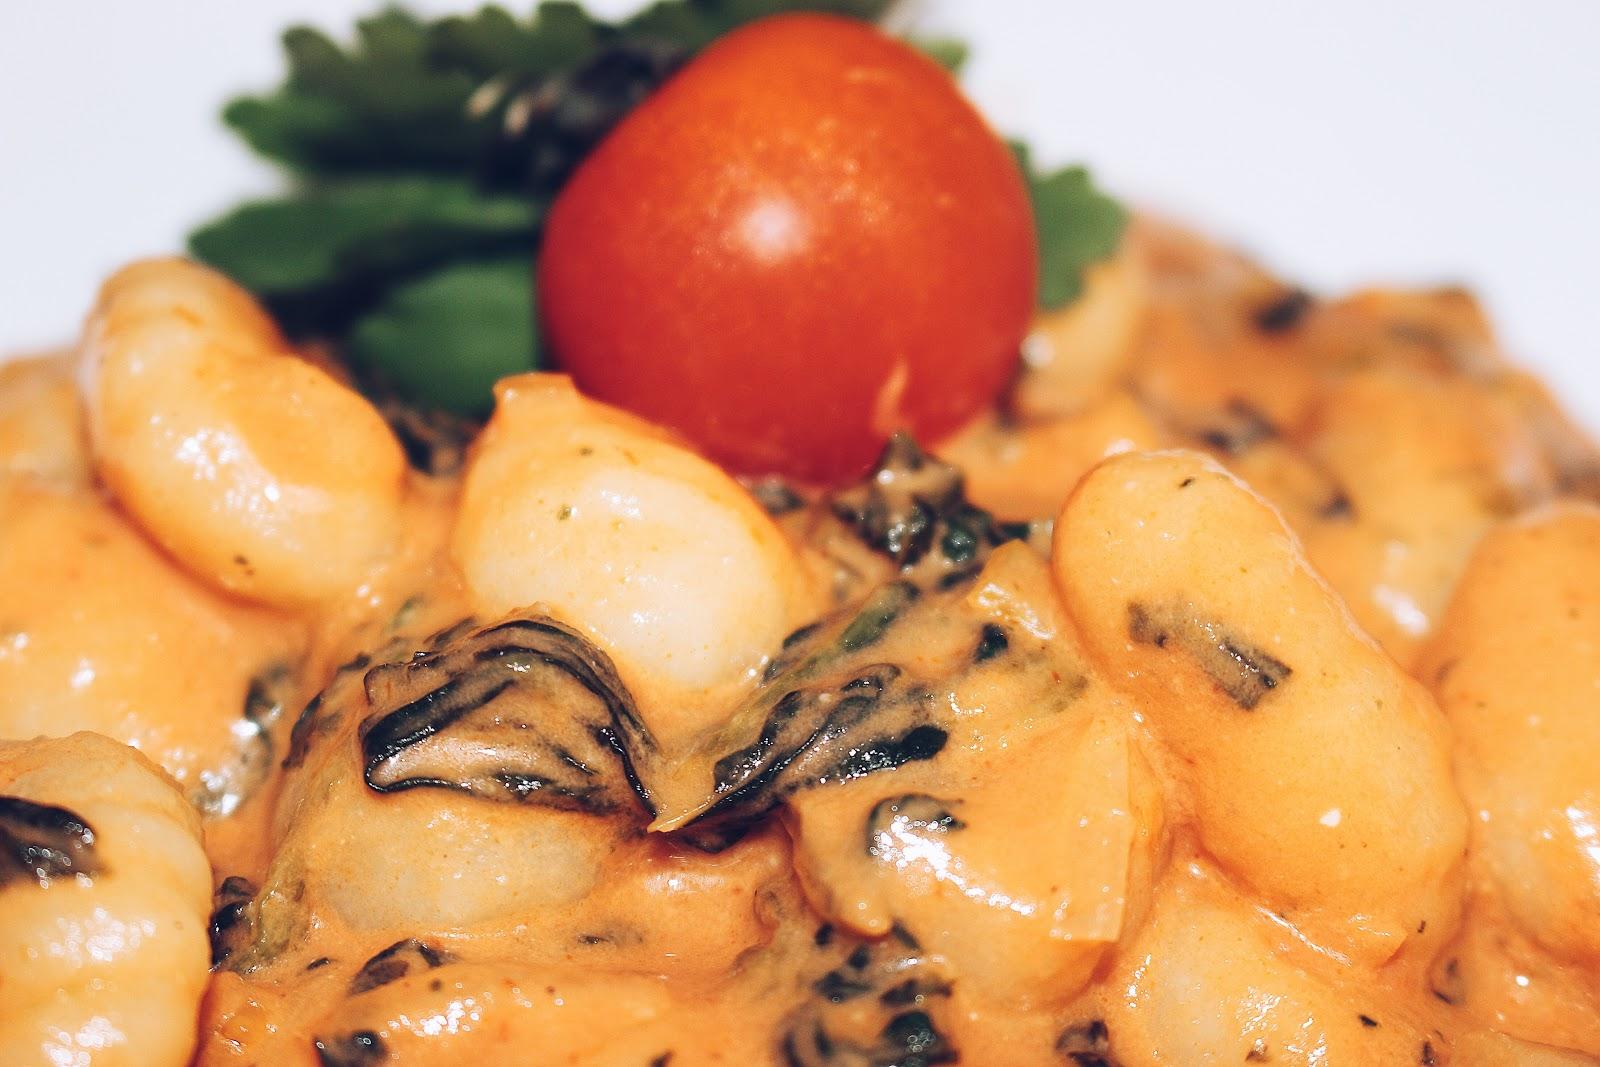 Die ersten Sonnenstrahlen sind da und mit großen Schritten nähern wir uns dem Sommer. Etwas italienischen Flair dürfte daher zum Start in den Sommer nicht fehlen. Leckere Tortellini, Nudeln oder Gnocchi? Auf meinem Blog moreaboutdanie.at findet ihr ein tolles Rezept zu leckeren Gnocch's mit Tomaten-Spinat Sauce. Mahlzeit!